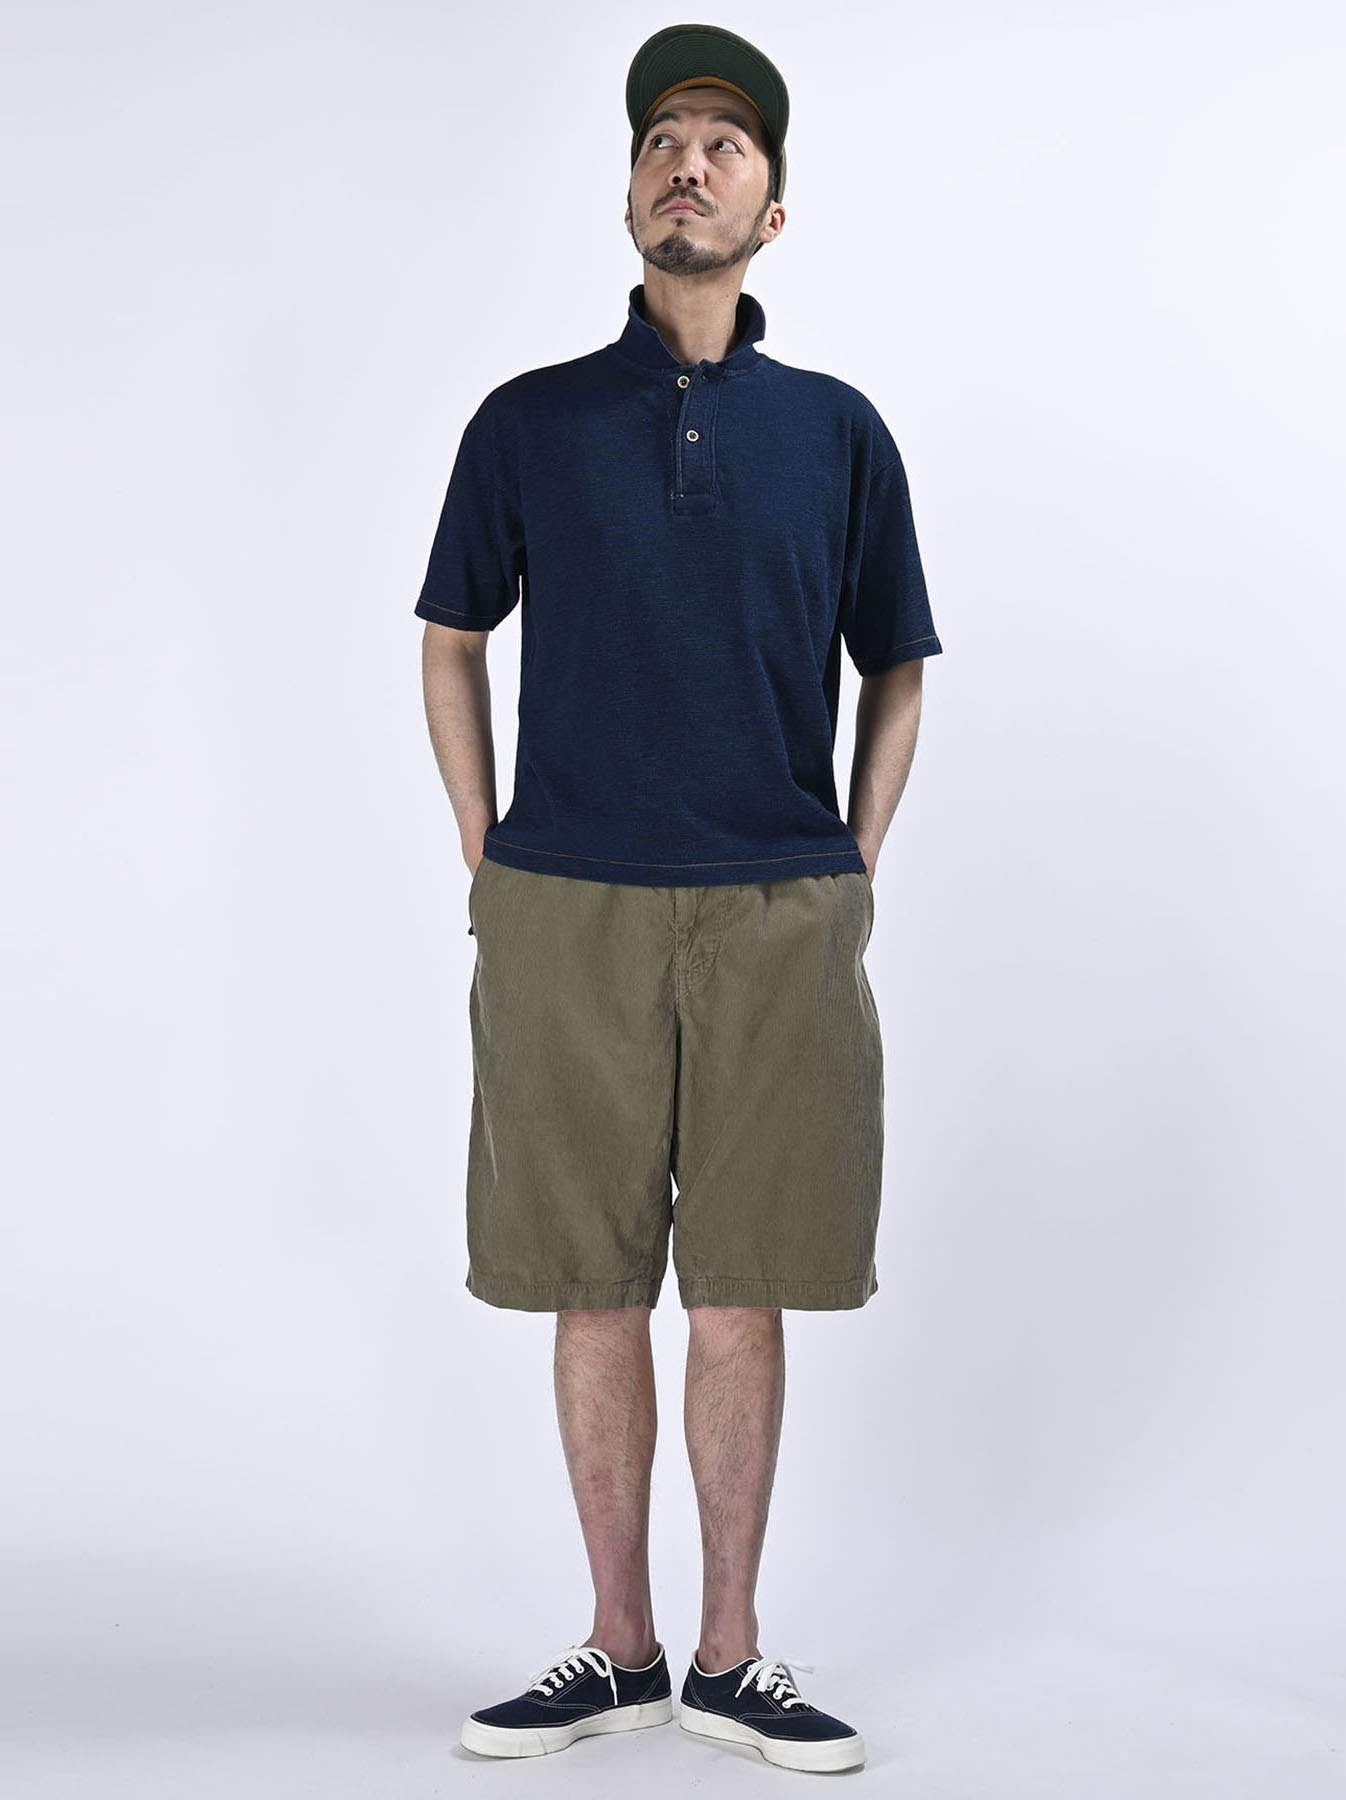 Indigo Kanoko Ocean Shiokaze Short-sleeved Polo Shirt (0521)-2